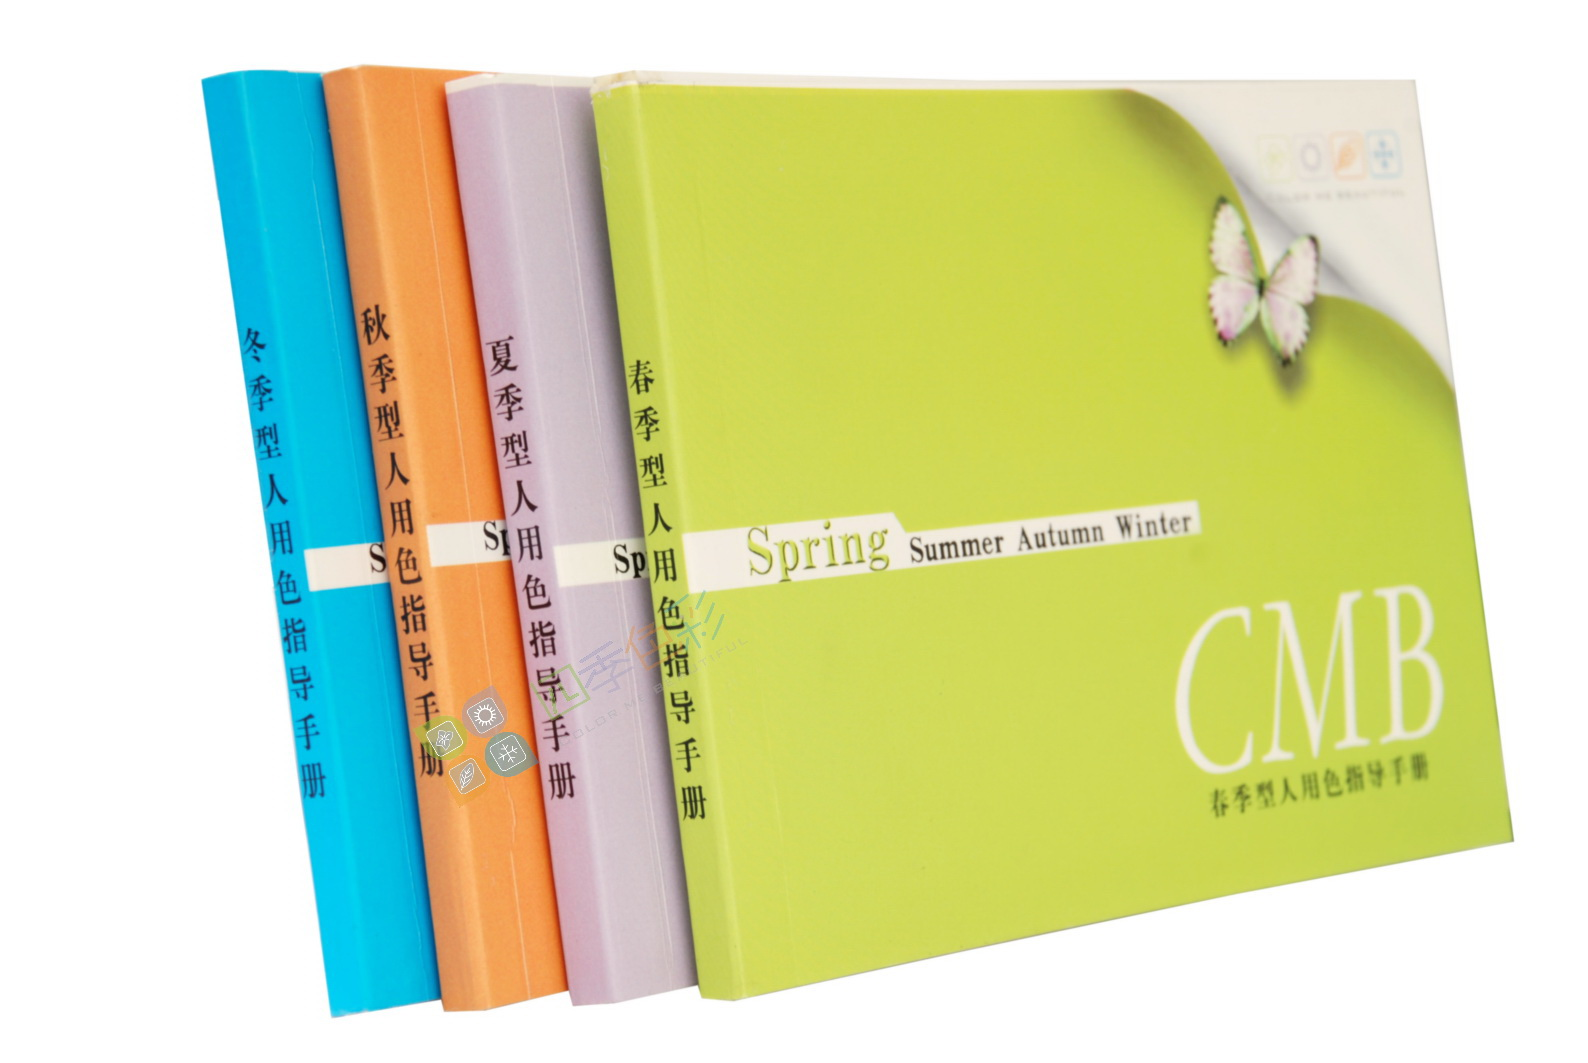 个人形象设计自学教材/色彩工作室专业挂图工具/色彩顾问专业诊断工具